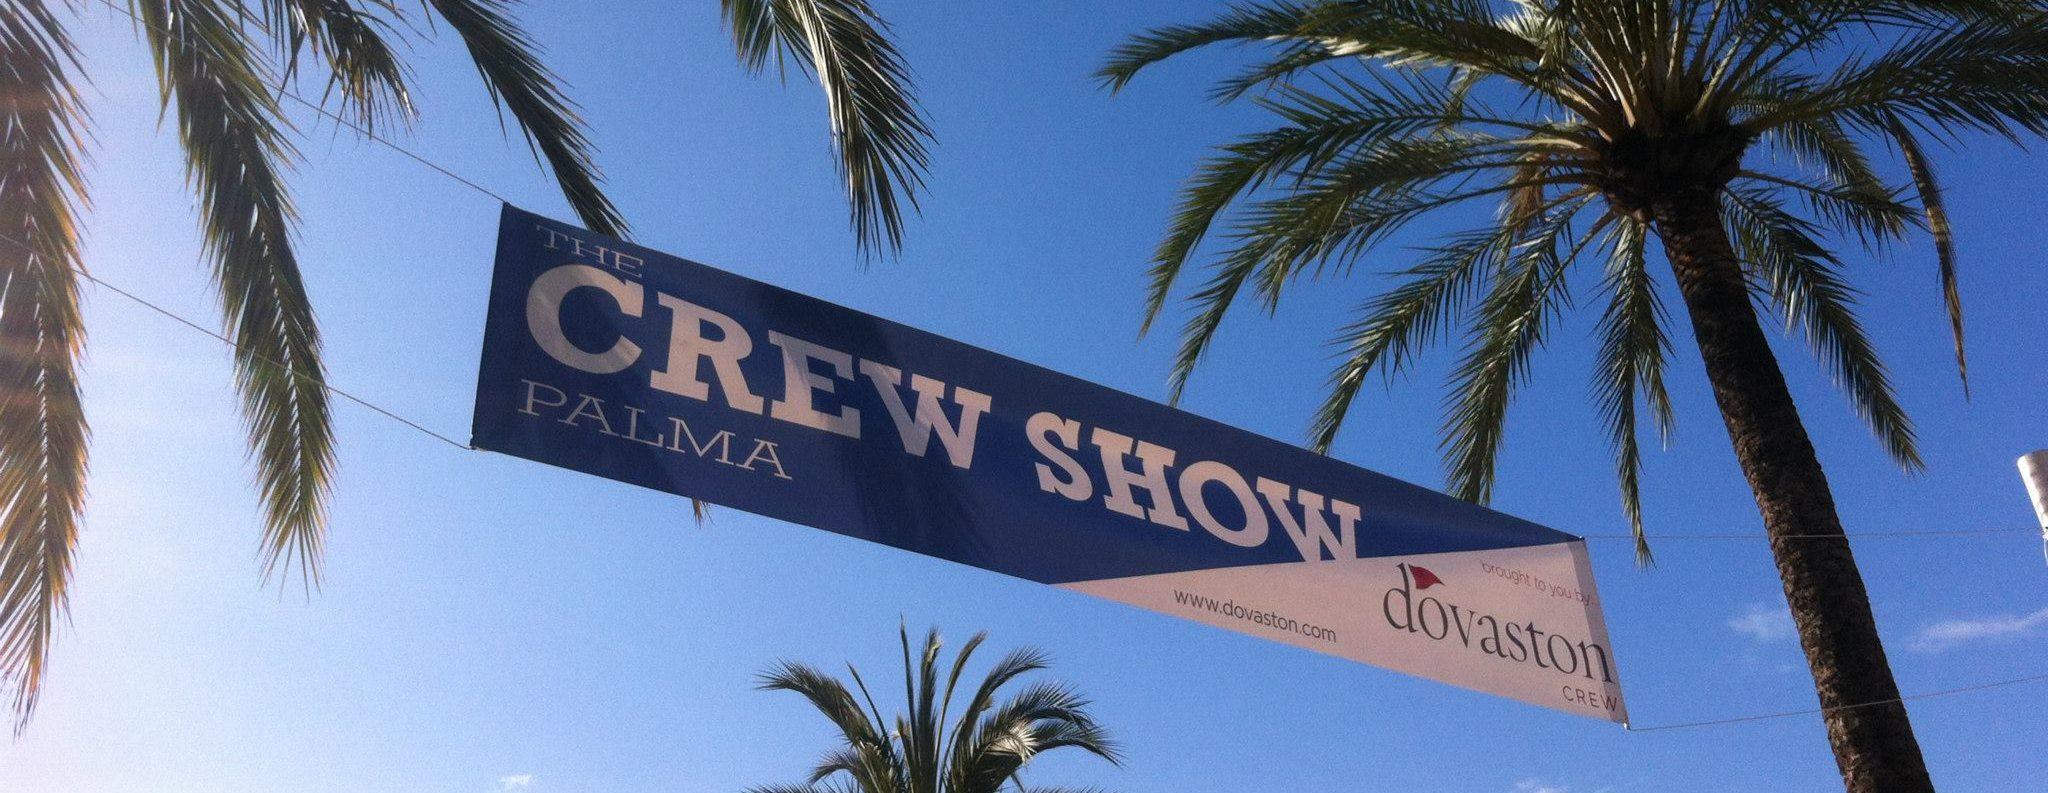 Dovaston Crew Show 2015